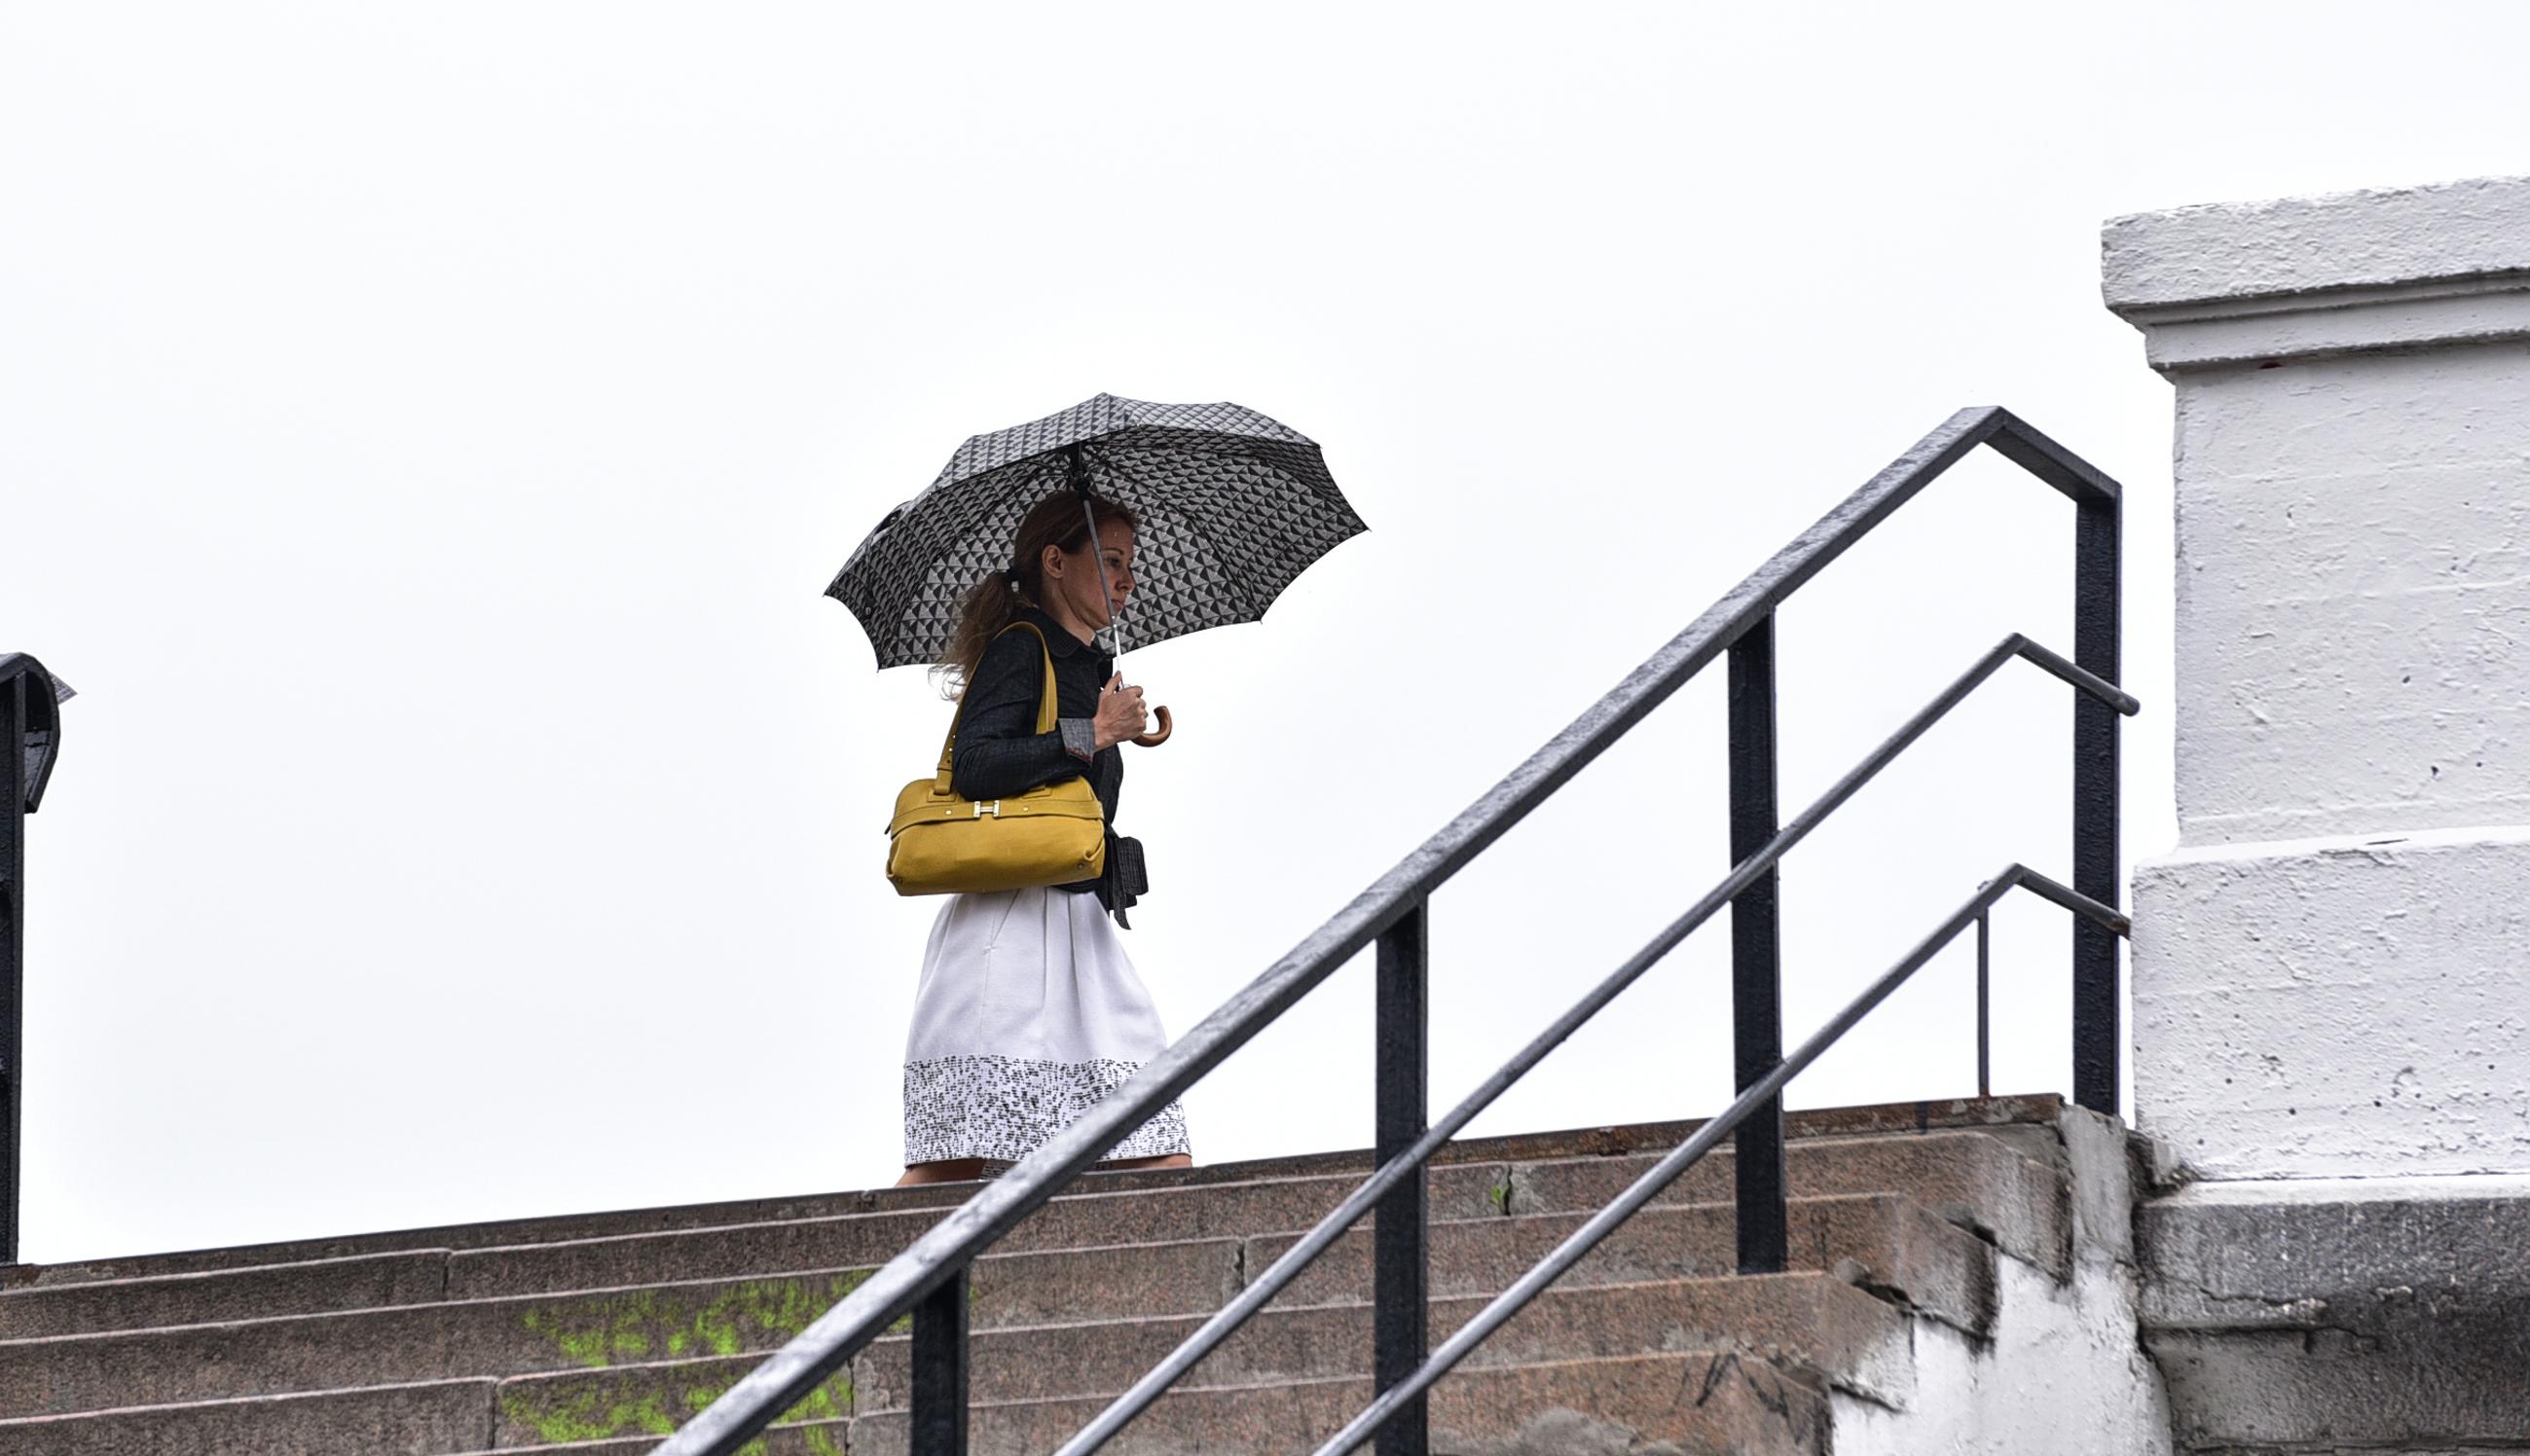 Москвичам пообещали небольшой дождь в четверг